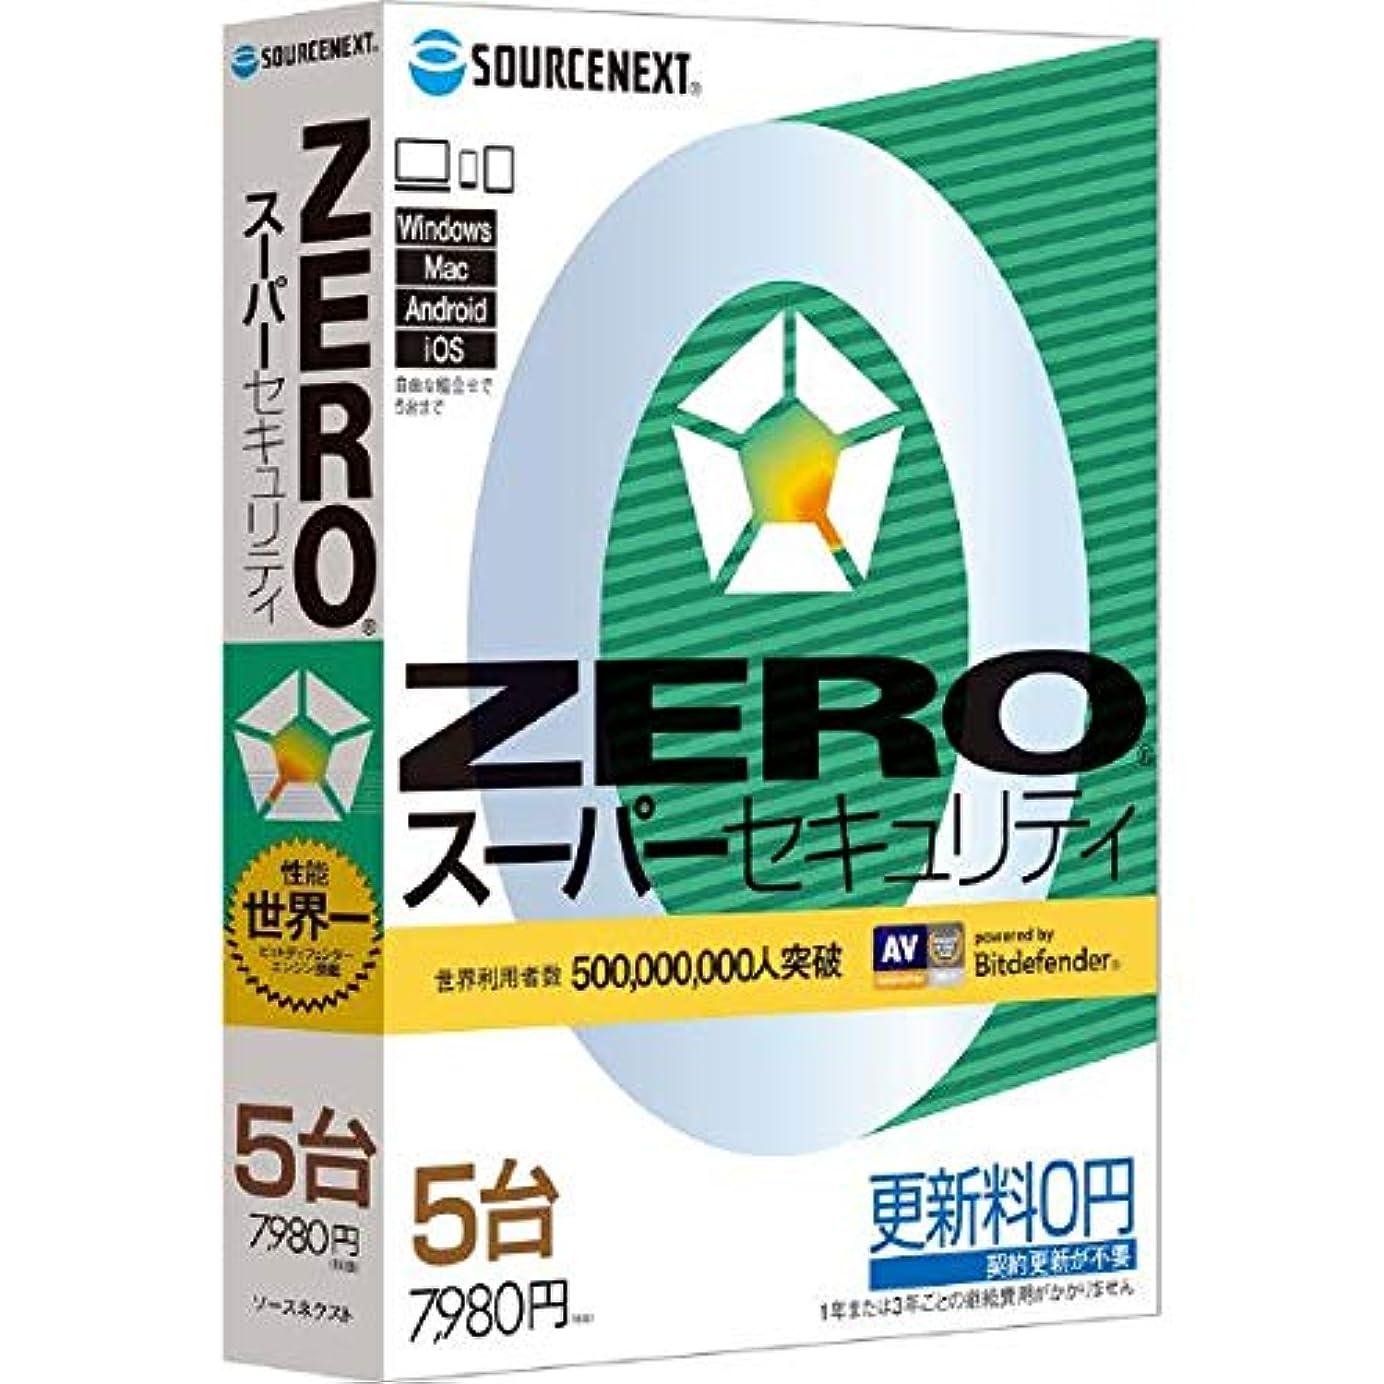 振る舞い宣言する振るソースネクスト スーパーセキュリティ 5台用 ZERO